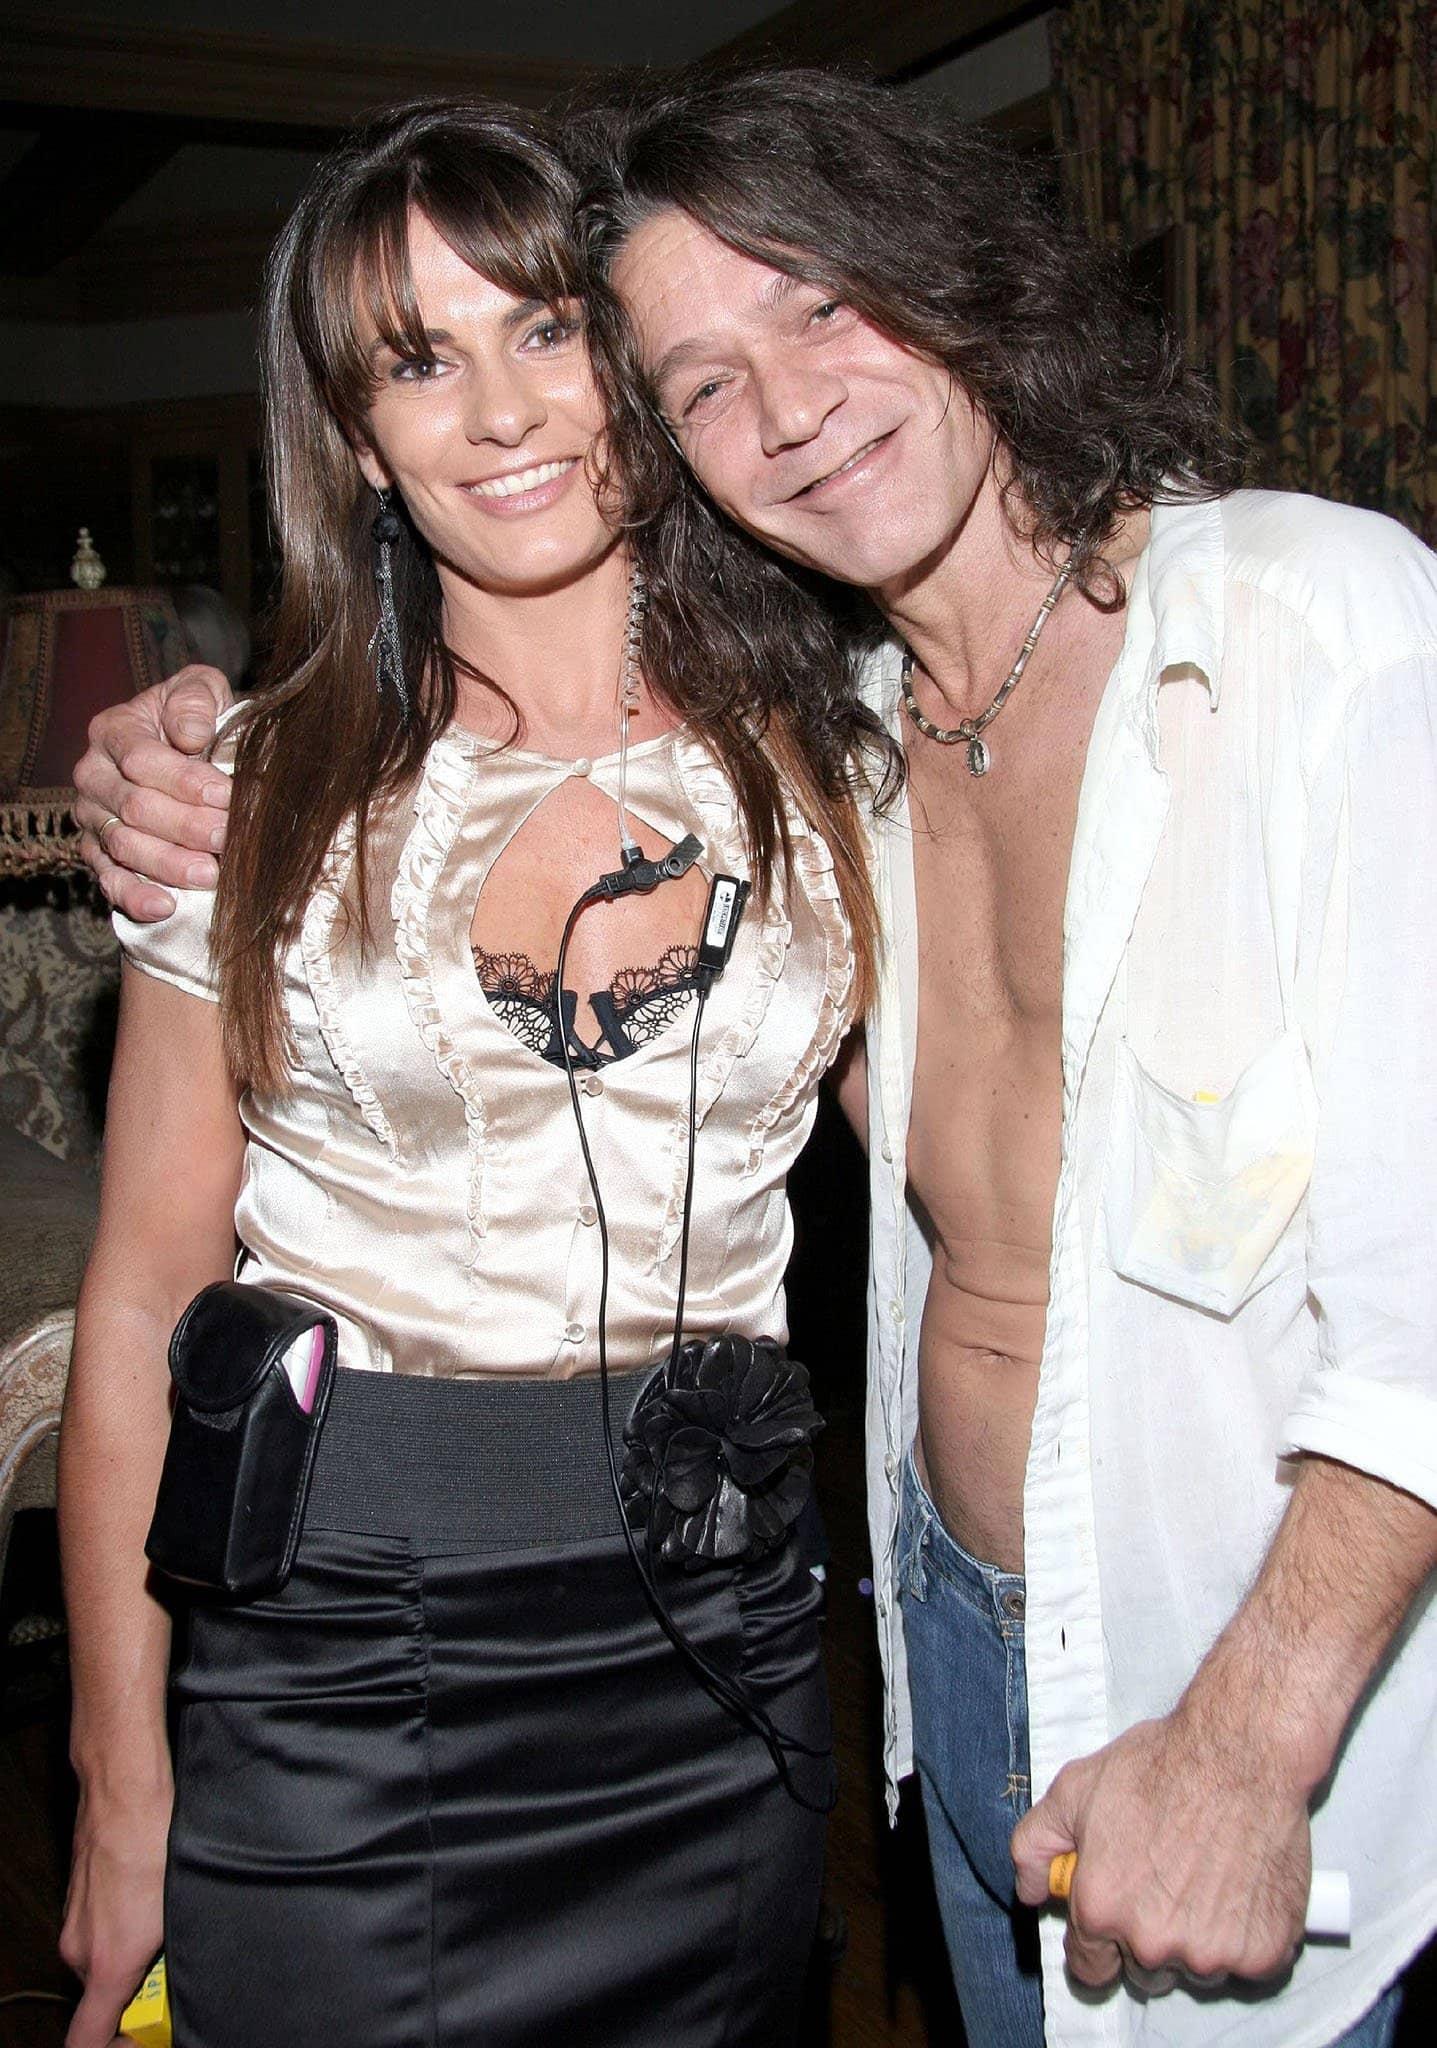 Eddie Van Halen and Janie Liszewski, pictured in 2006, tied the knot in 2009